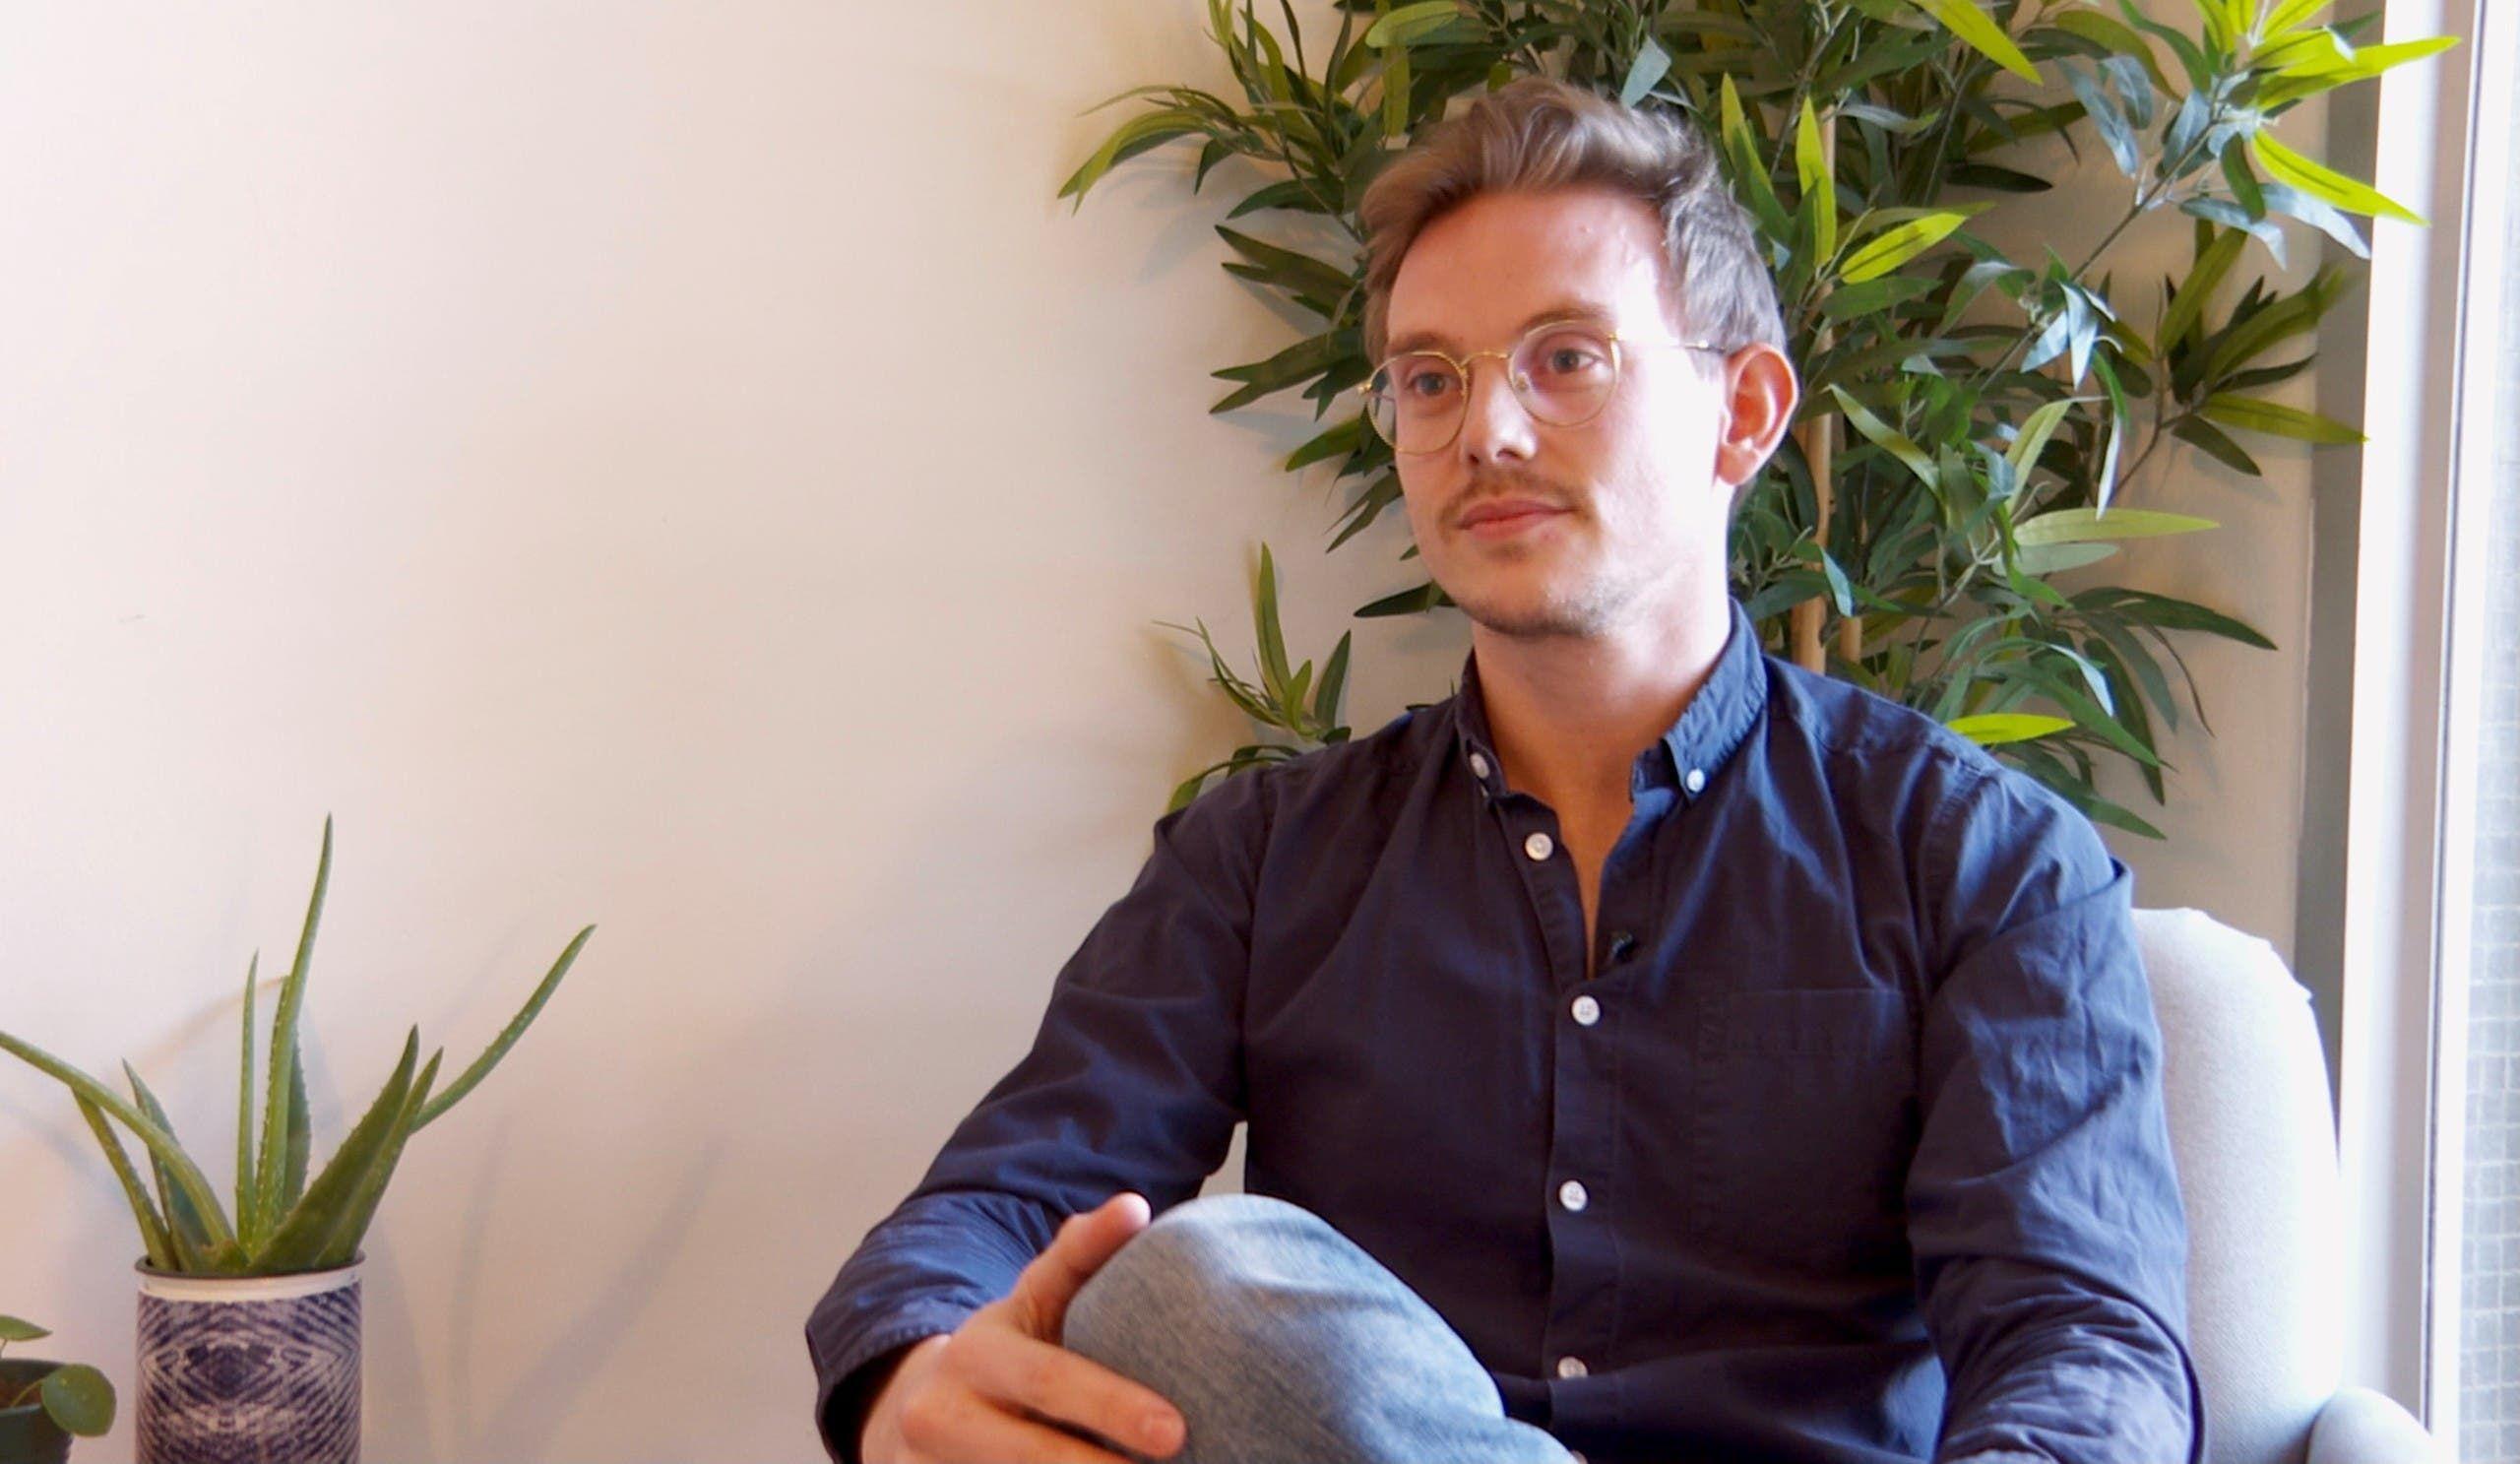 صورة لمارفان توما - طبيب نفسي ومتطوع في جمعية بيت الأرواح في الدائرة العشرين في باريس